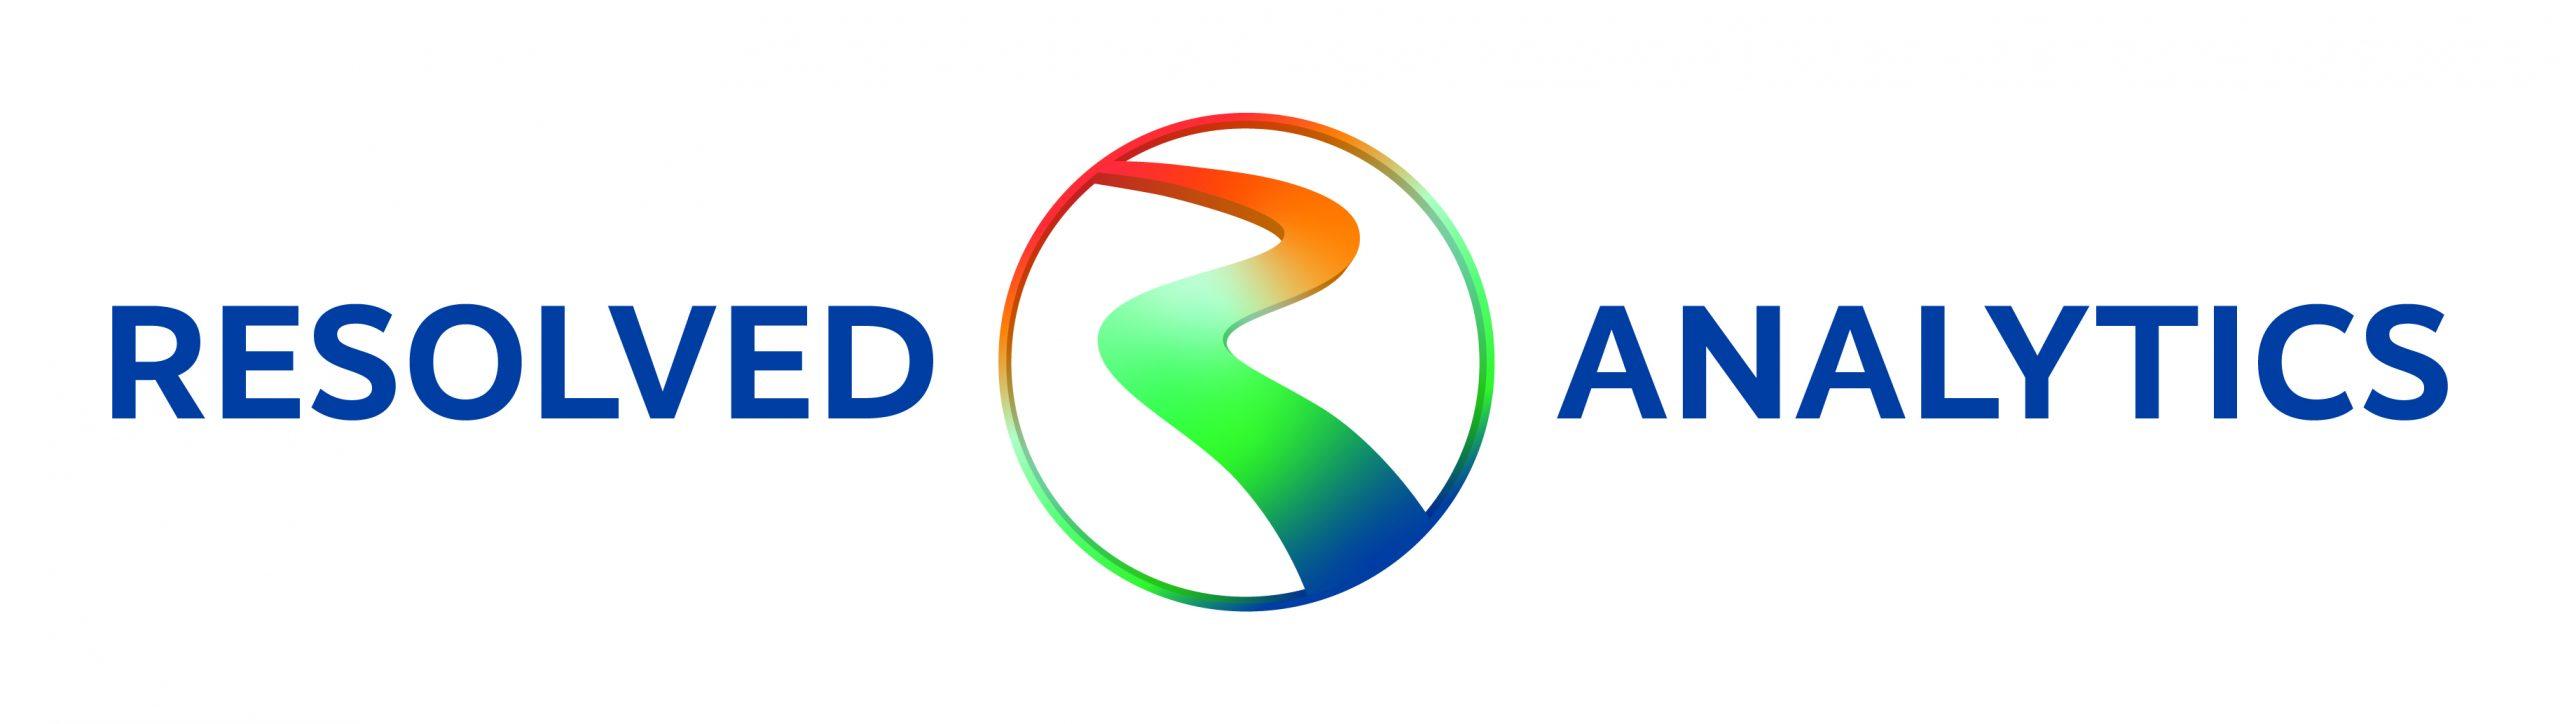 Resolved Analytics Logo